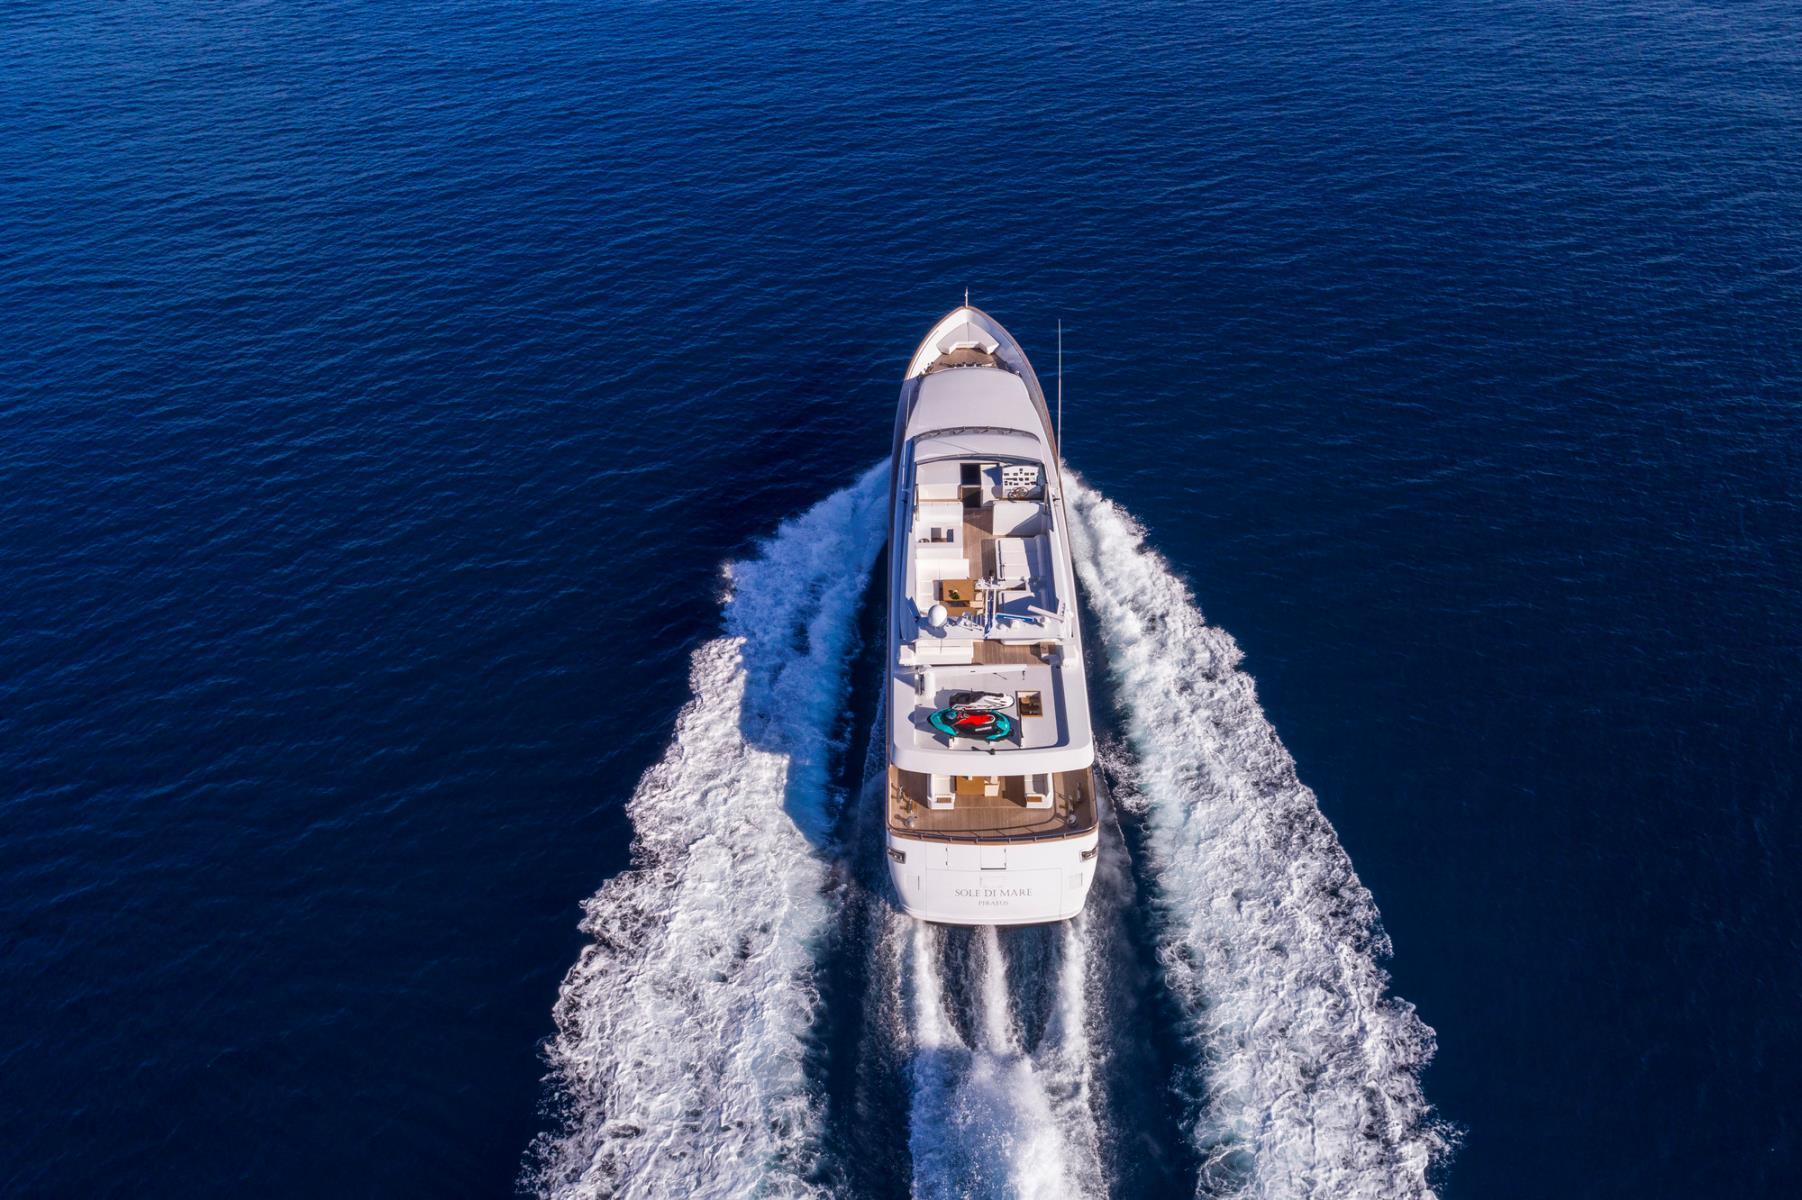 Baglietto Motor Yacht SOLE DI MARE - Stern View While Cruising